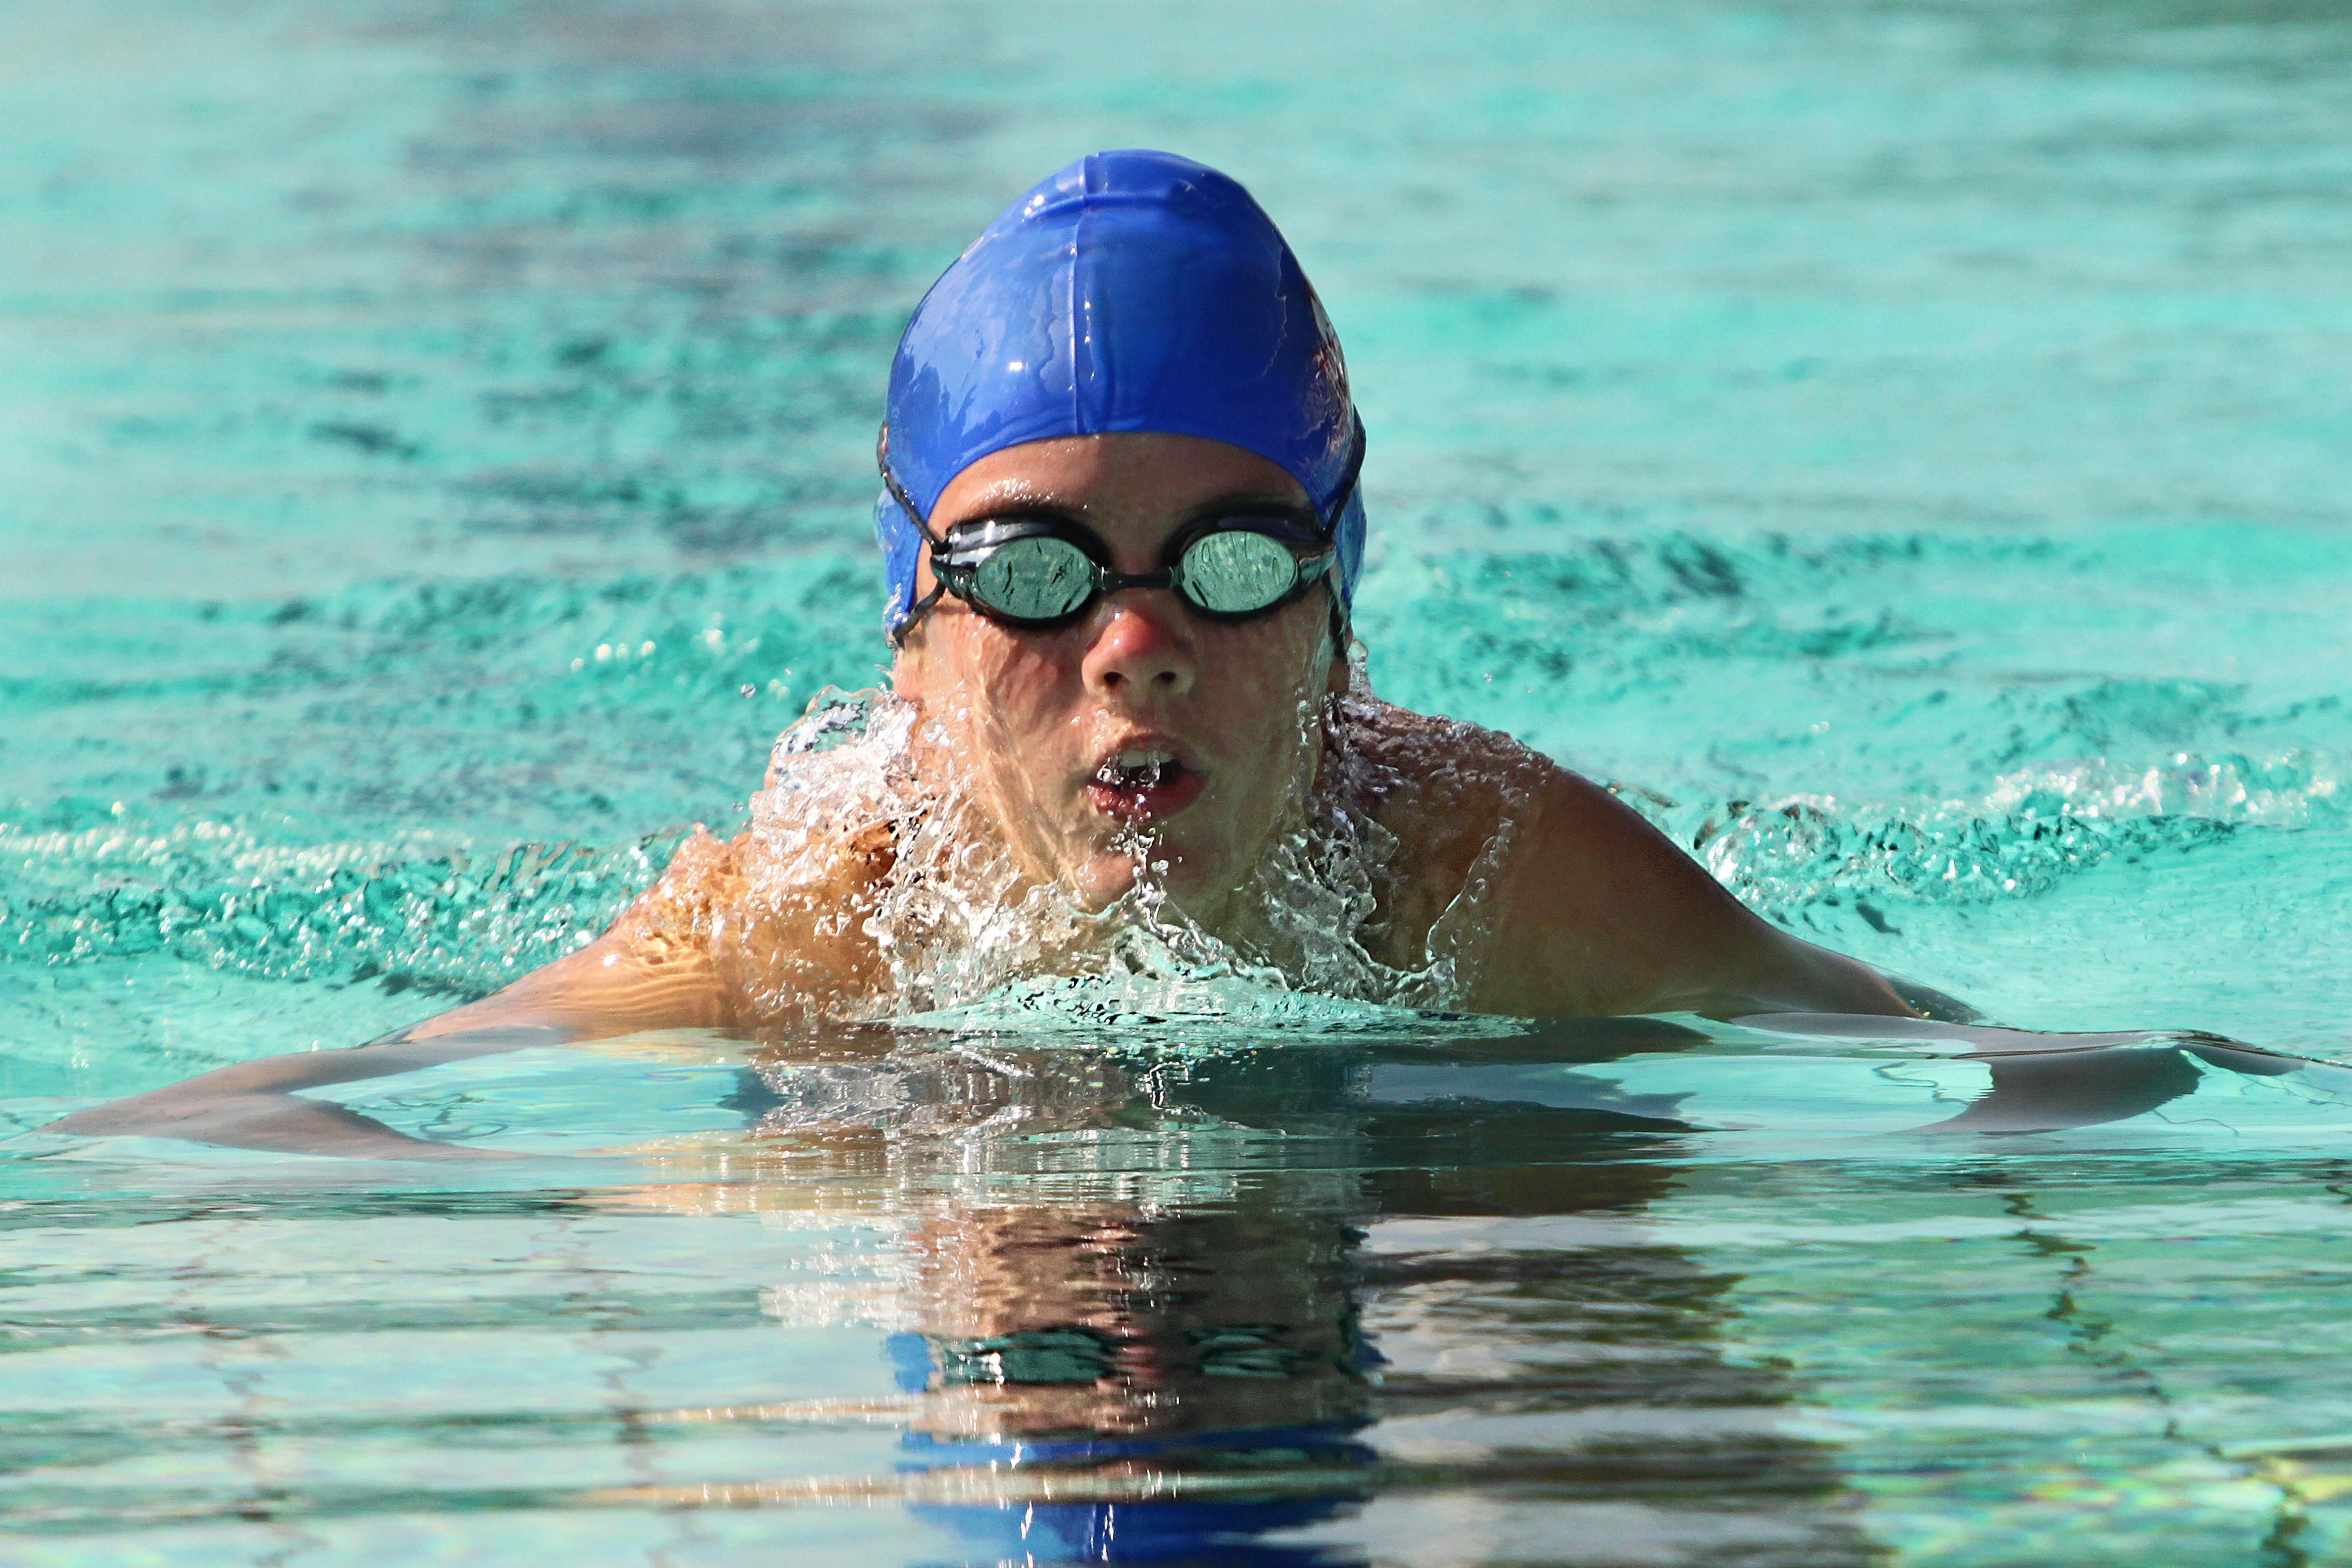 czepek pływacki - niebieski czepek do pływania